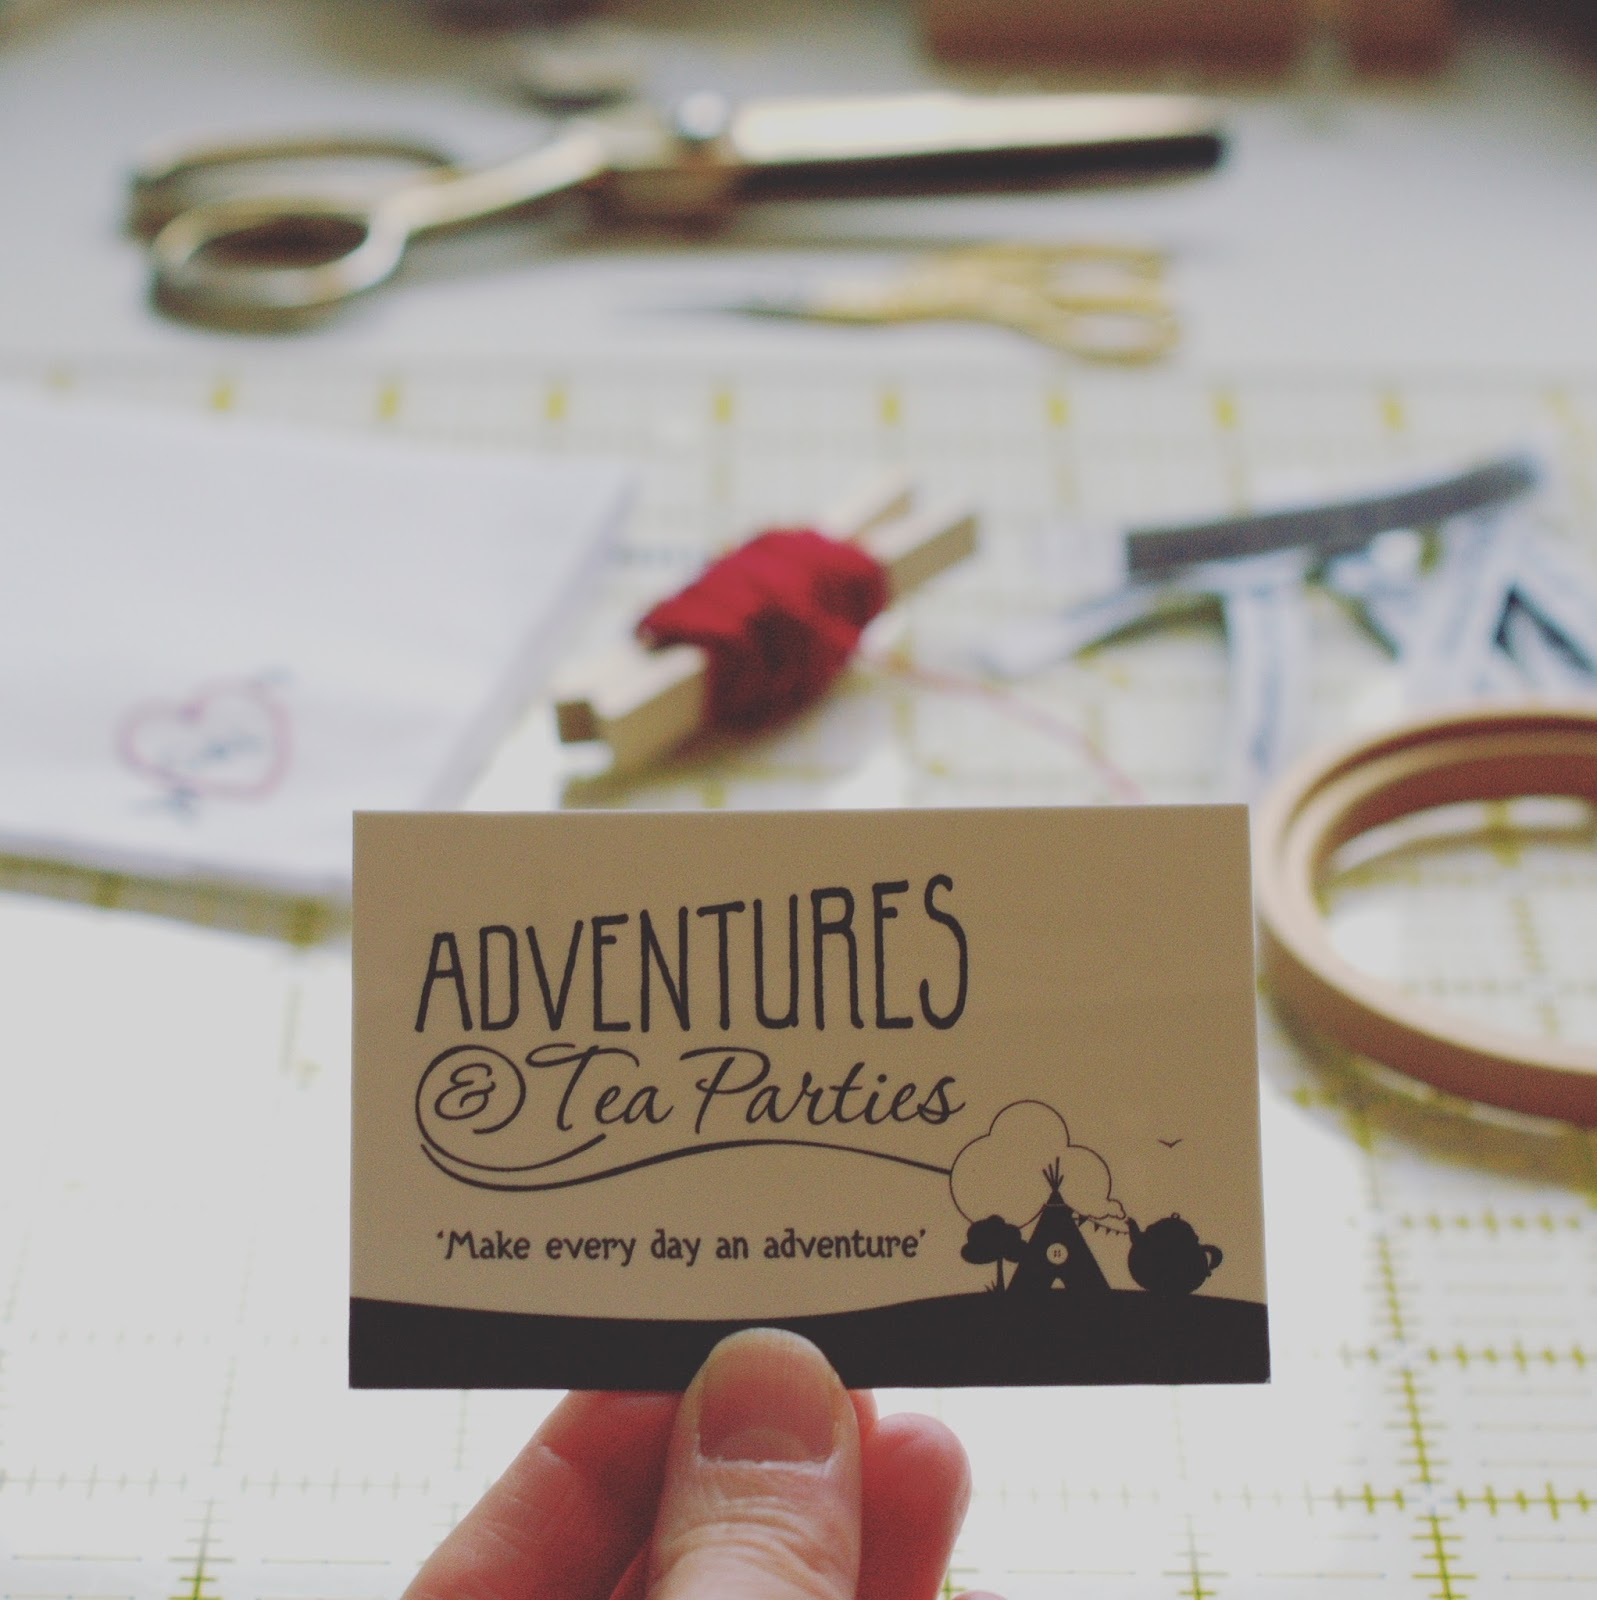 Adventures & Tea Parties behind the scenes